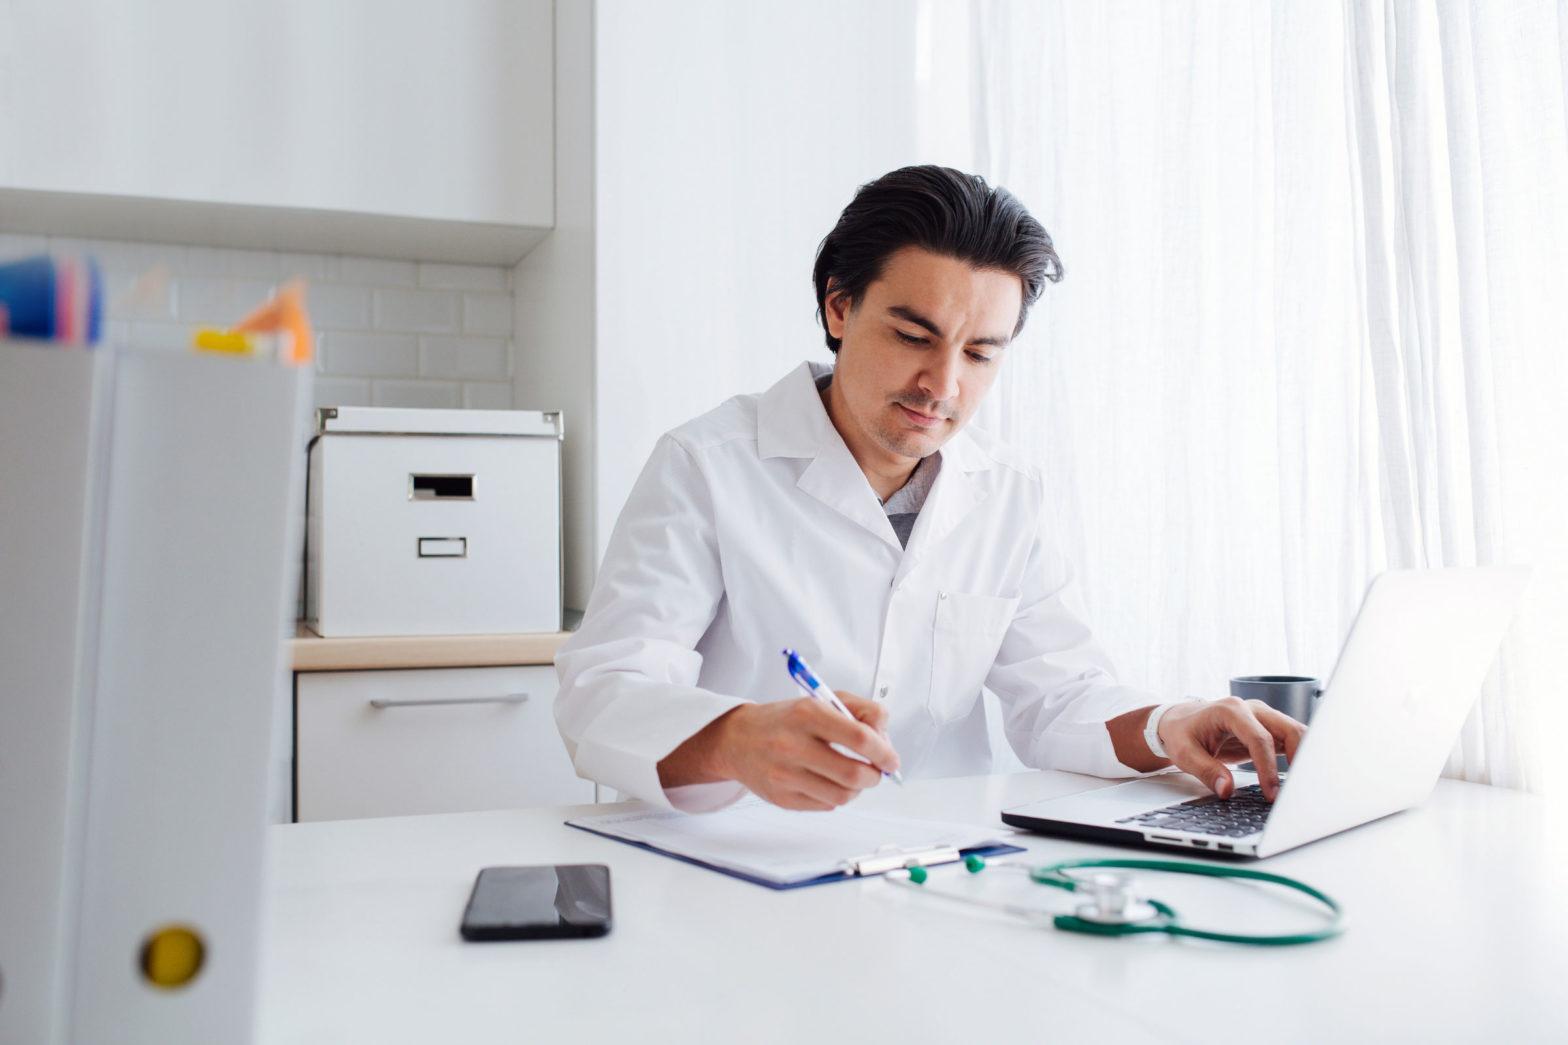 receita e acompanhamento medico telemedicina